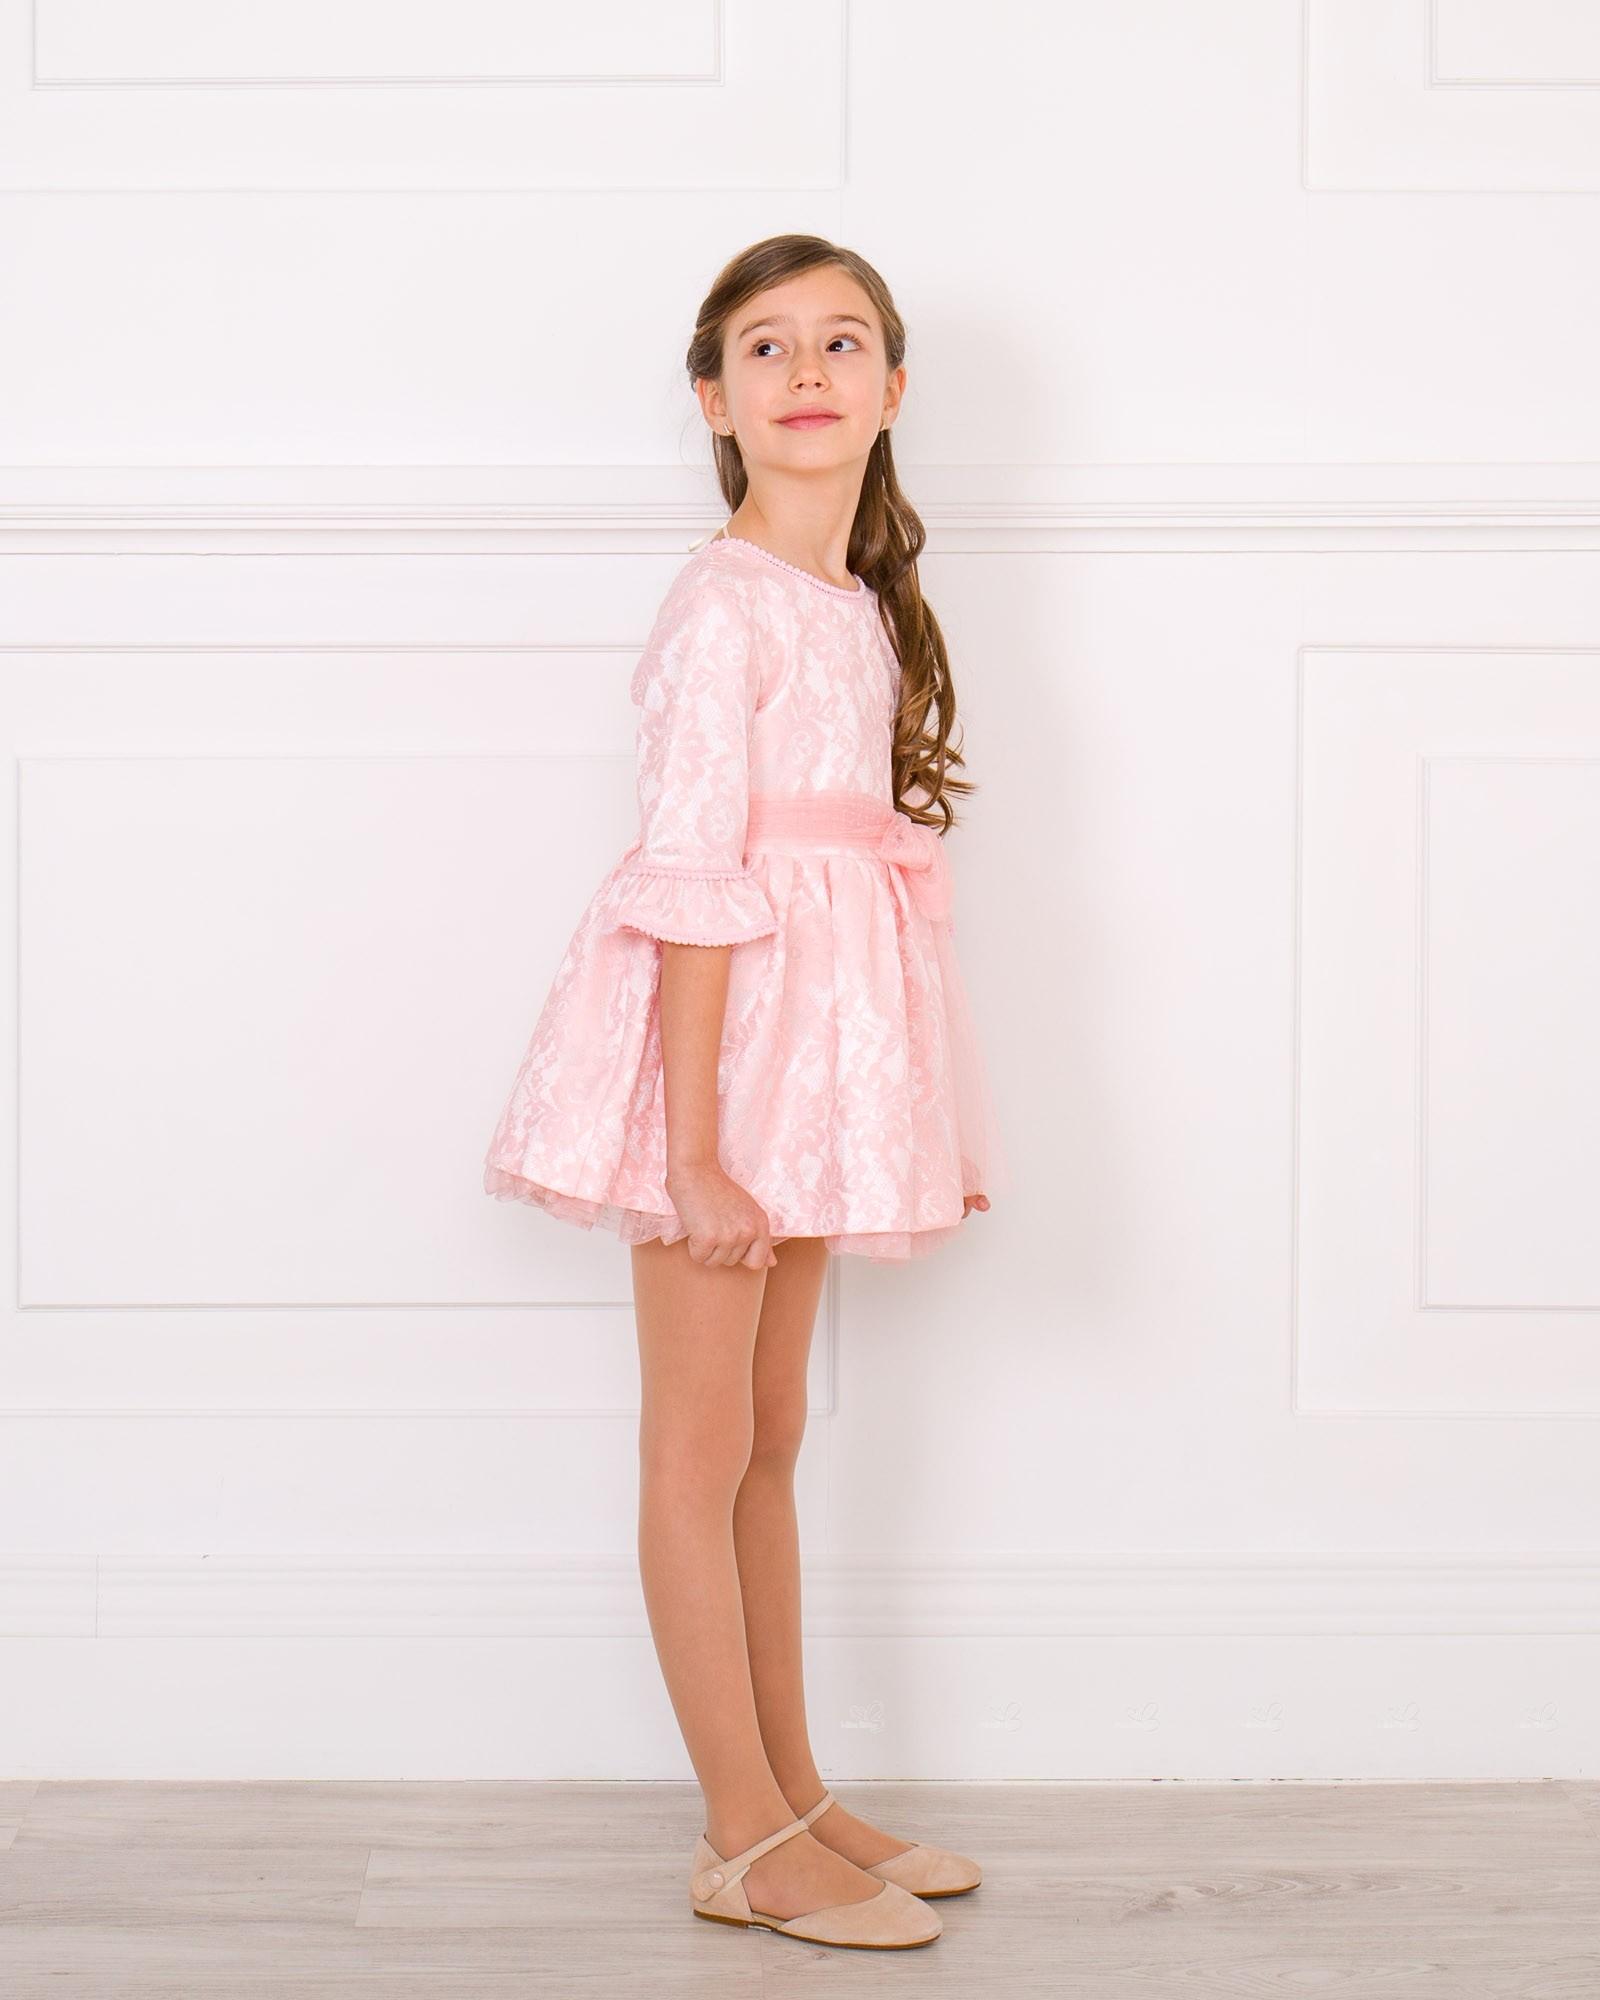 f98da34d1 ... Nekenia Vestido Niña Manga Francesa Raso   Encaje Rosa  Vestido Niña  Ceremonia ...